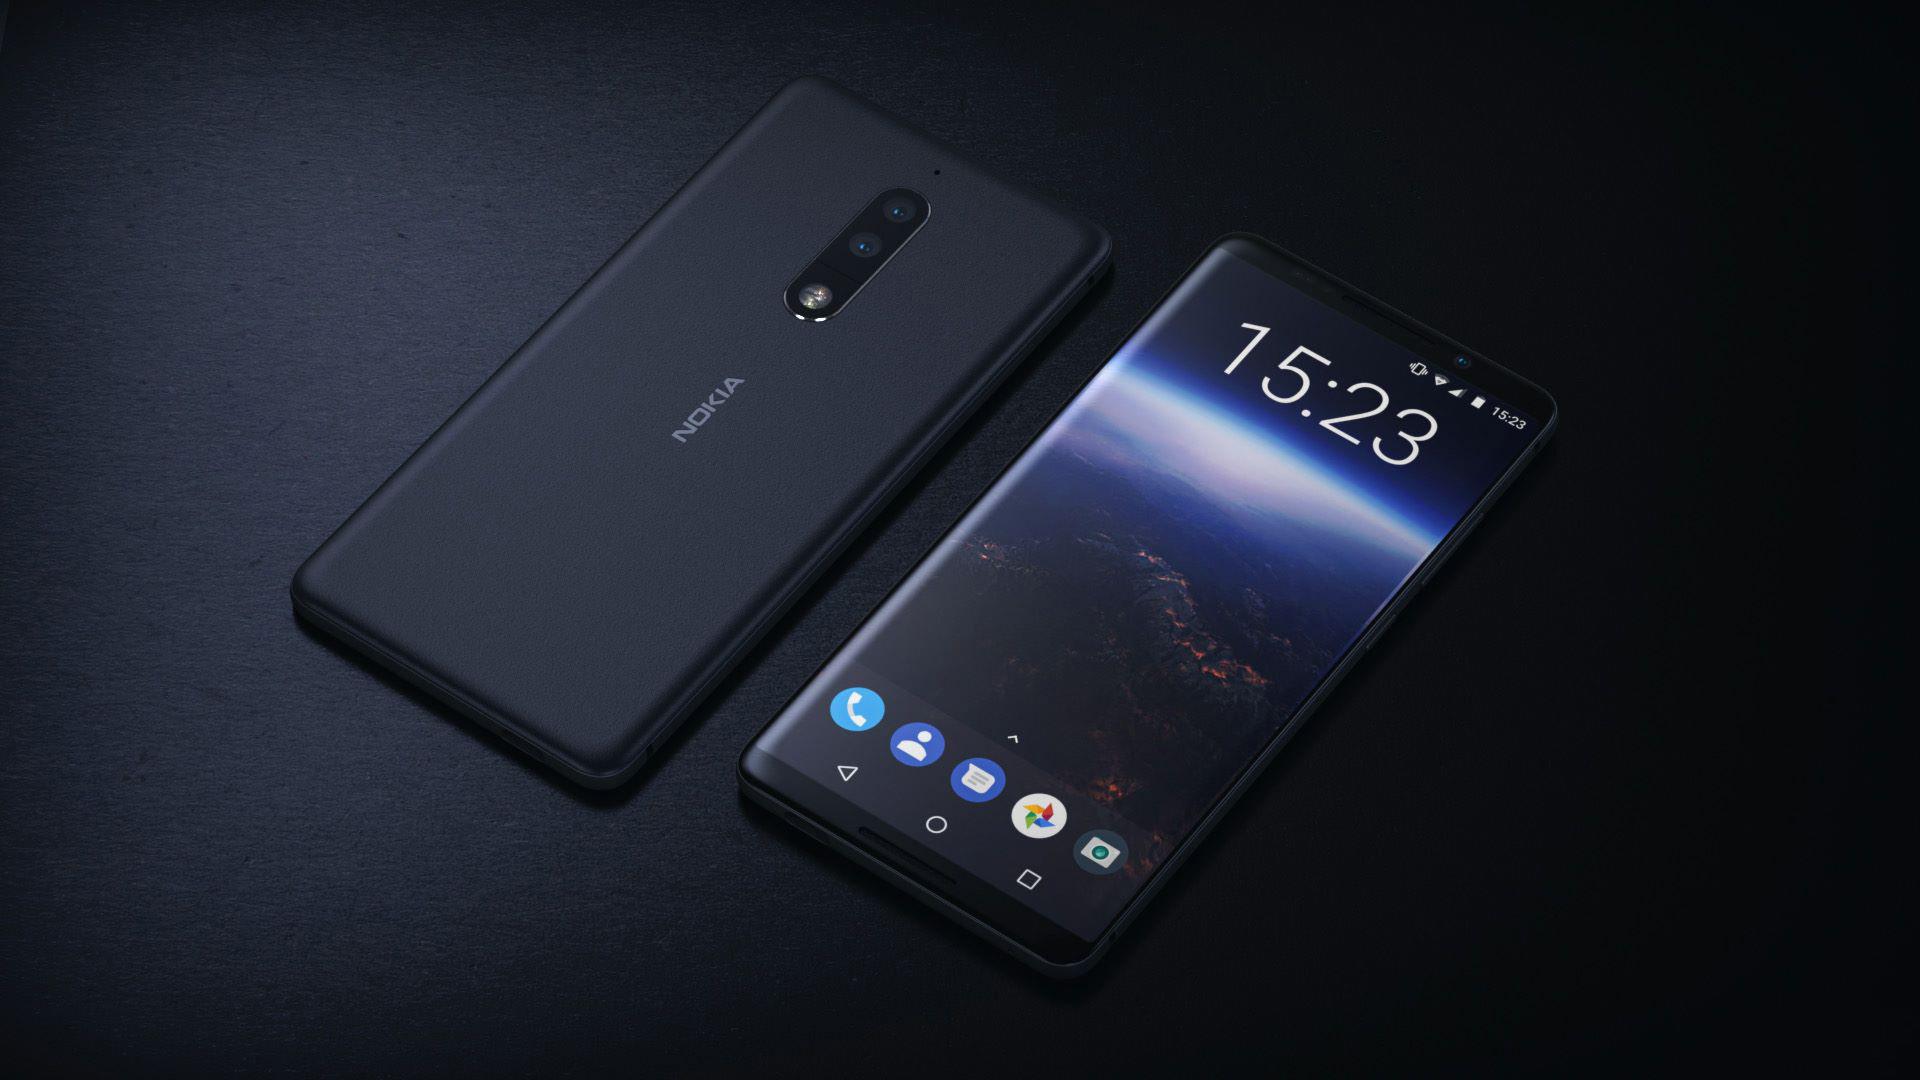 Imagem de Com câmera diferente e misteriosa, Nokia 9 tem suposta imagem vazada no tecmundo